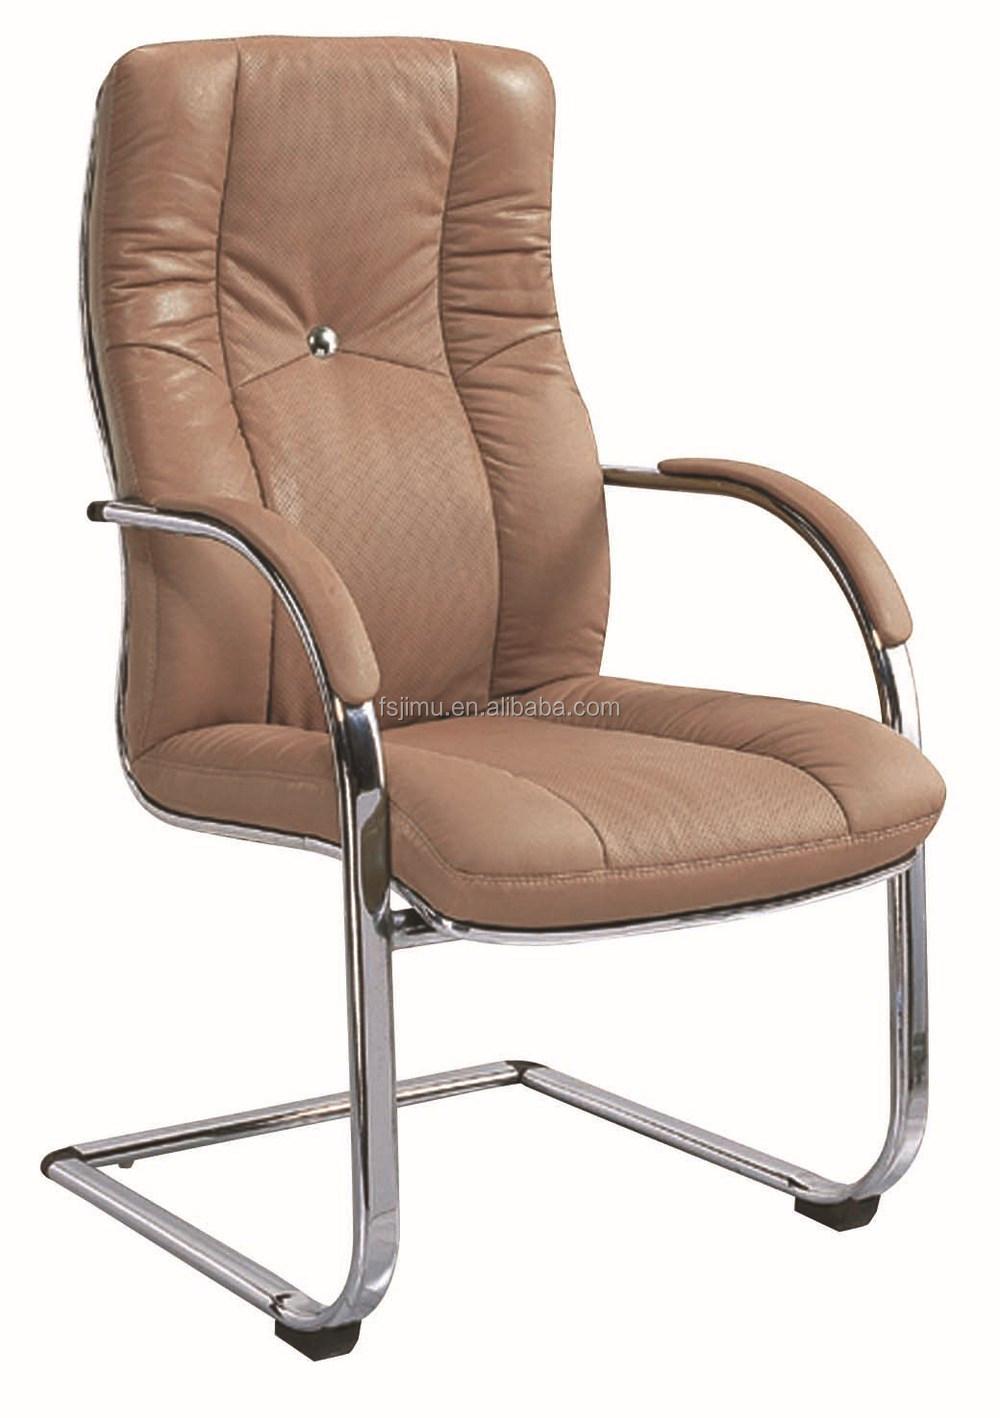 Chaise roulante de bureau maison design - Chaise roulante bureau ...